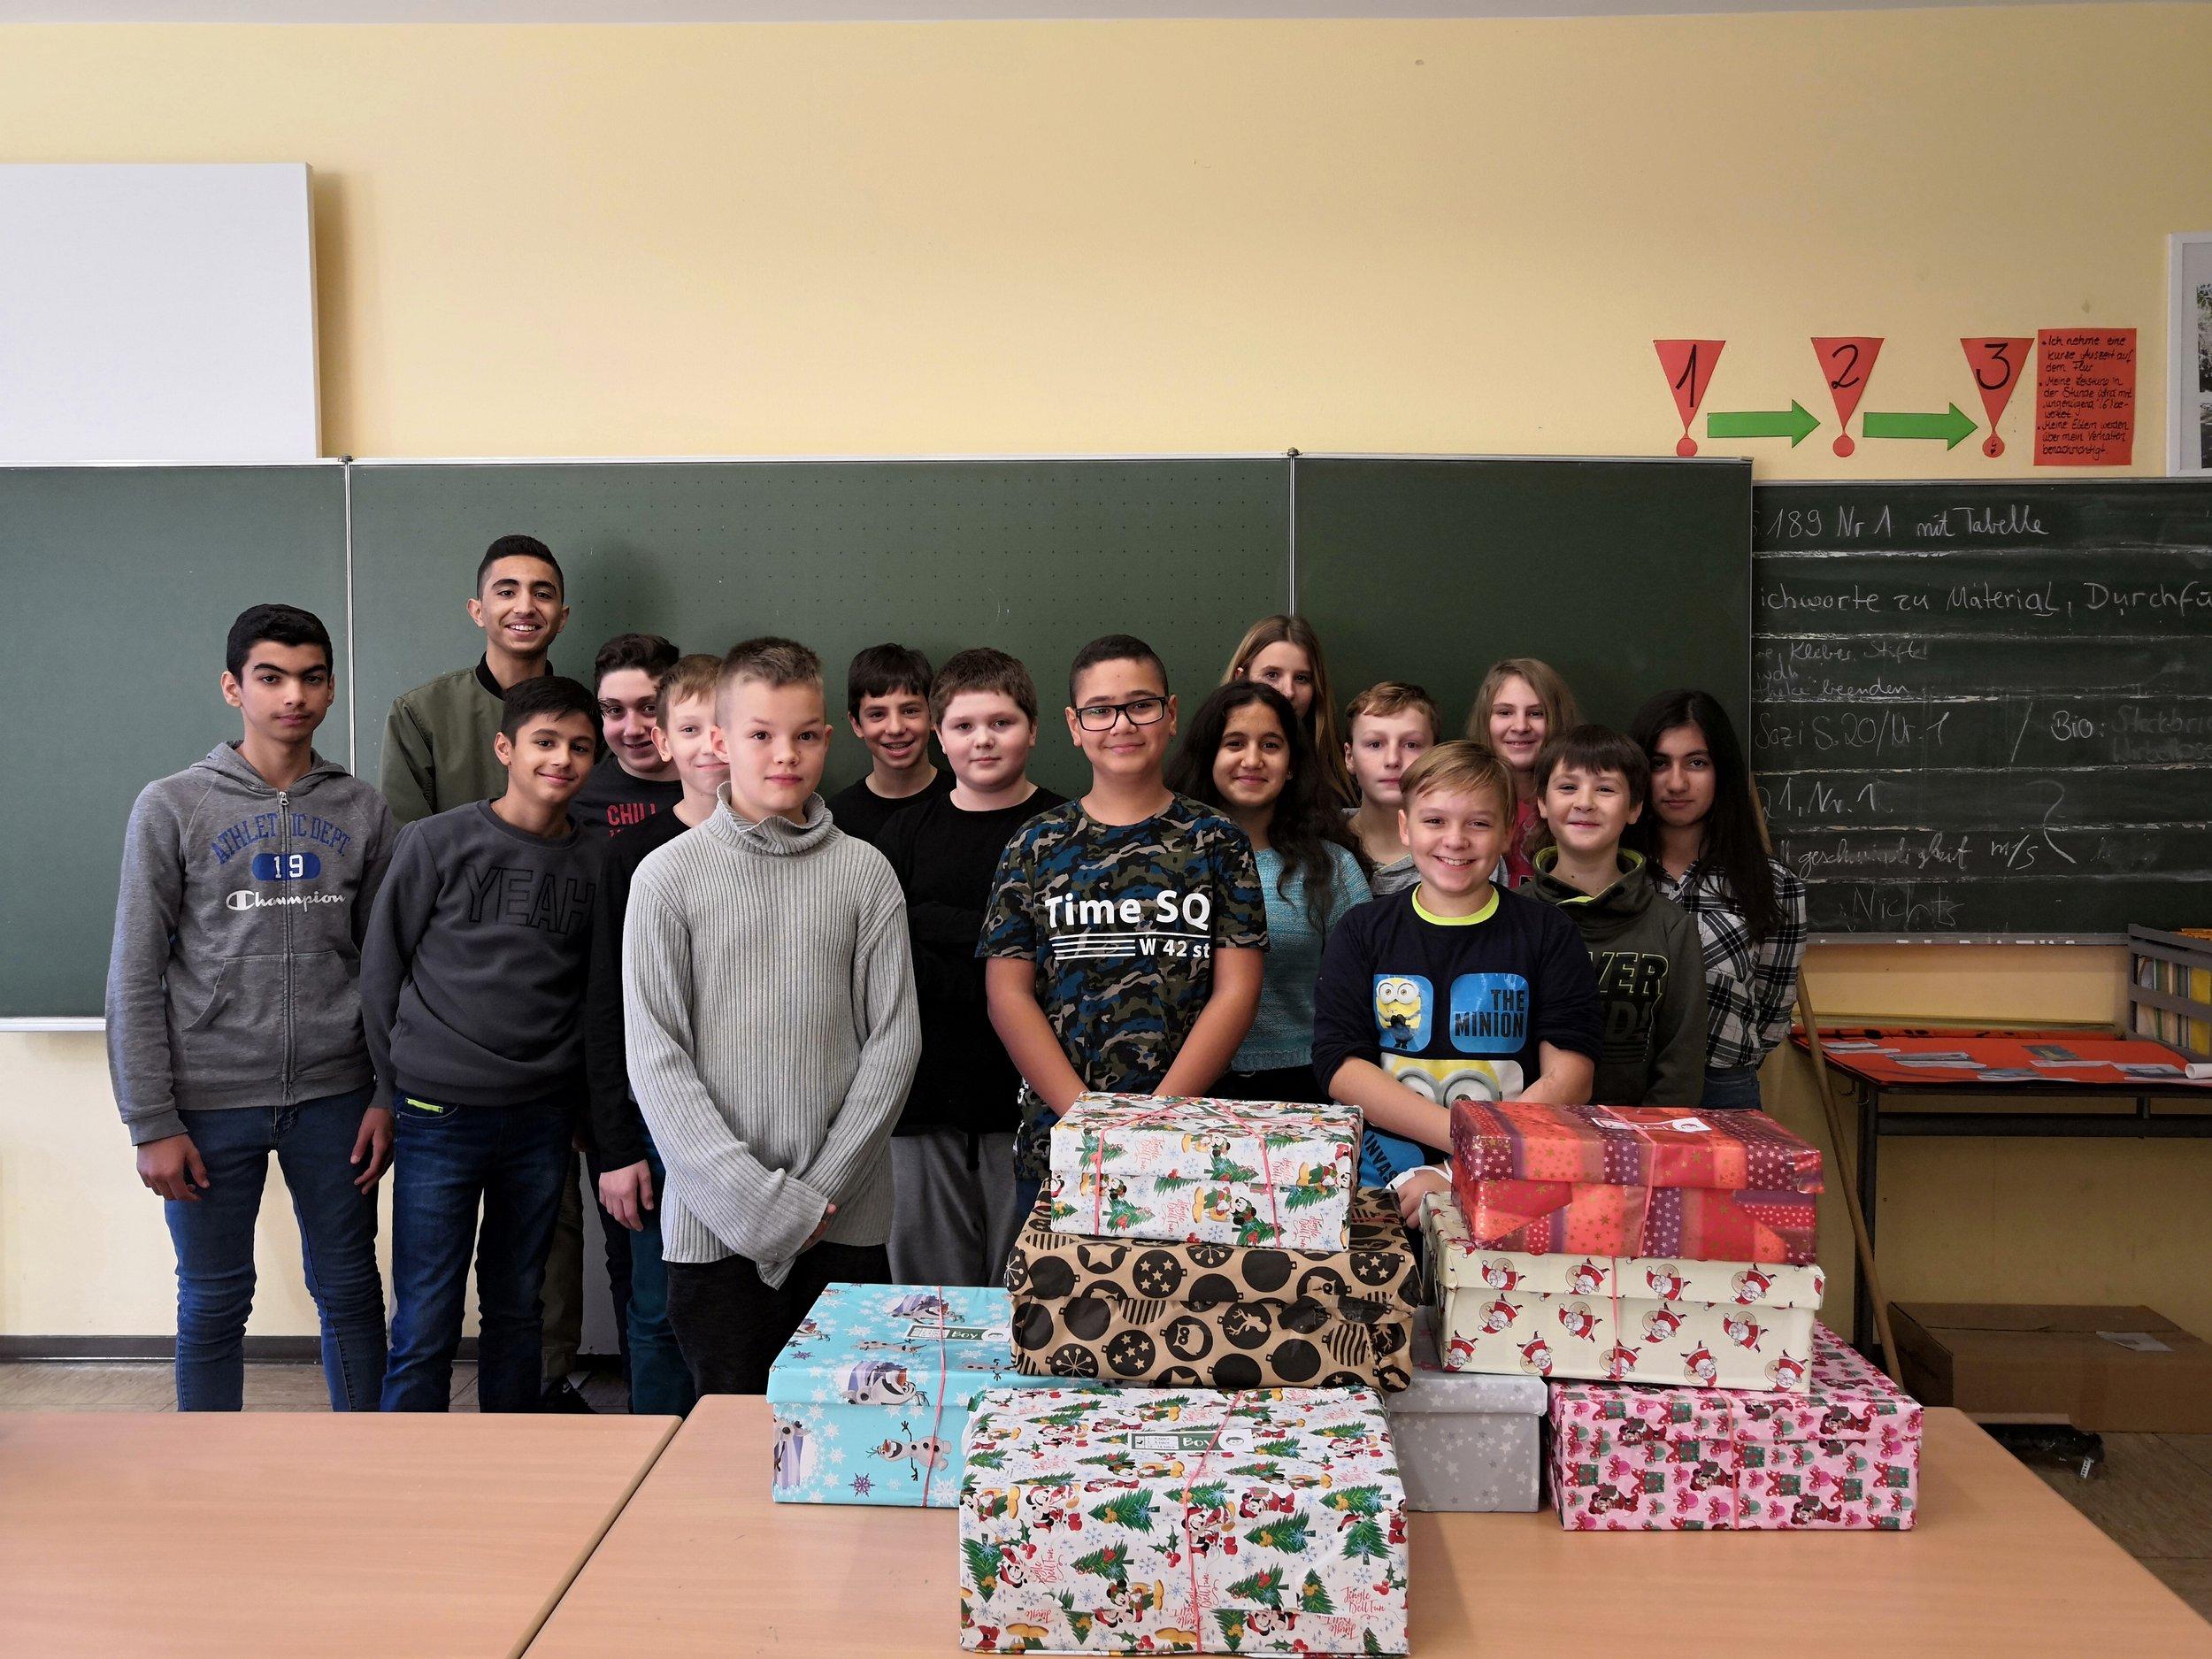 Weihnachten Im Schuhkarton Org.Klasse 7a Mitpacken Bei Weihnachten Im Schuhkarton Karl Fries